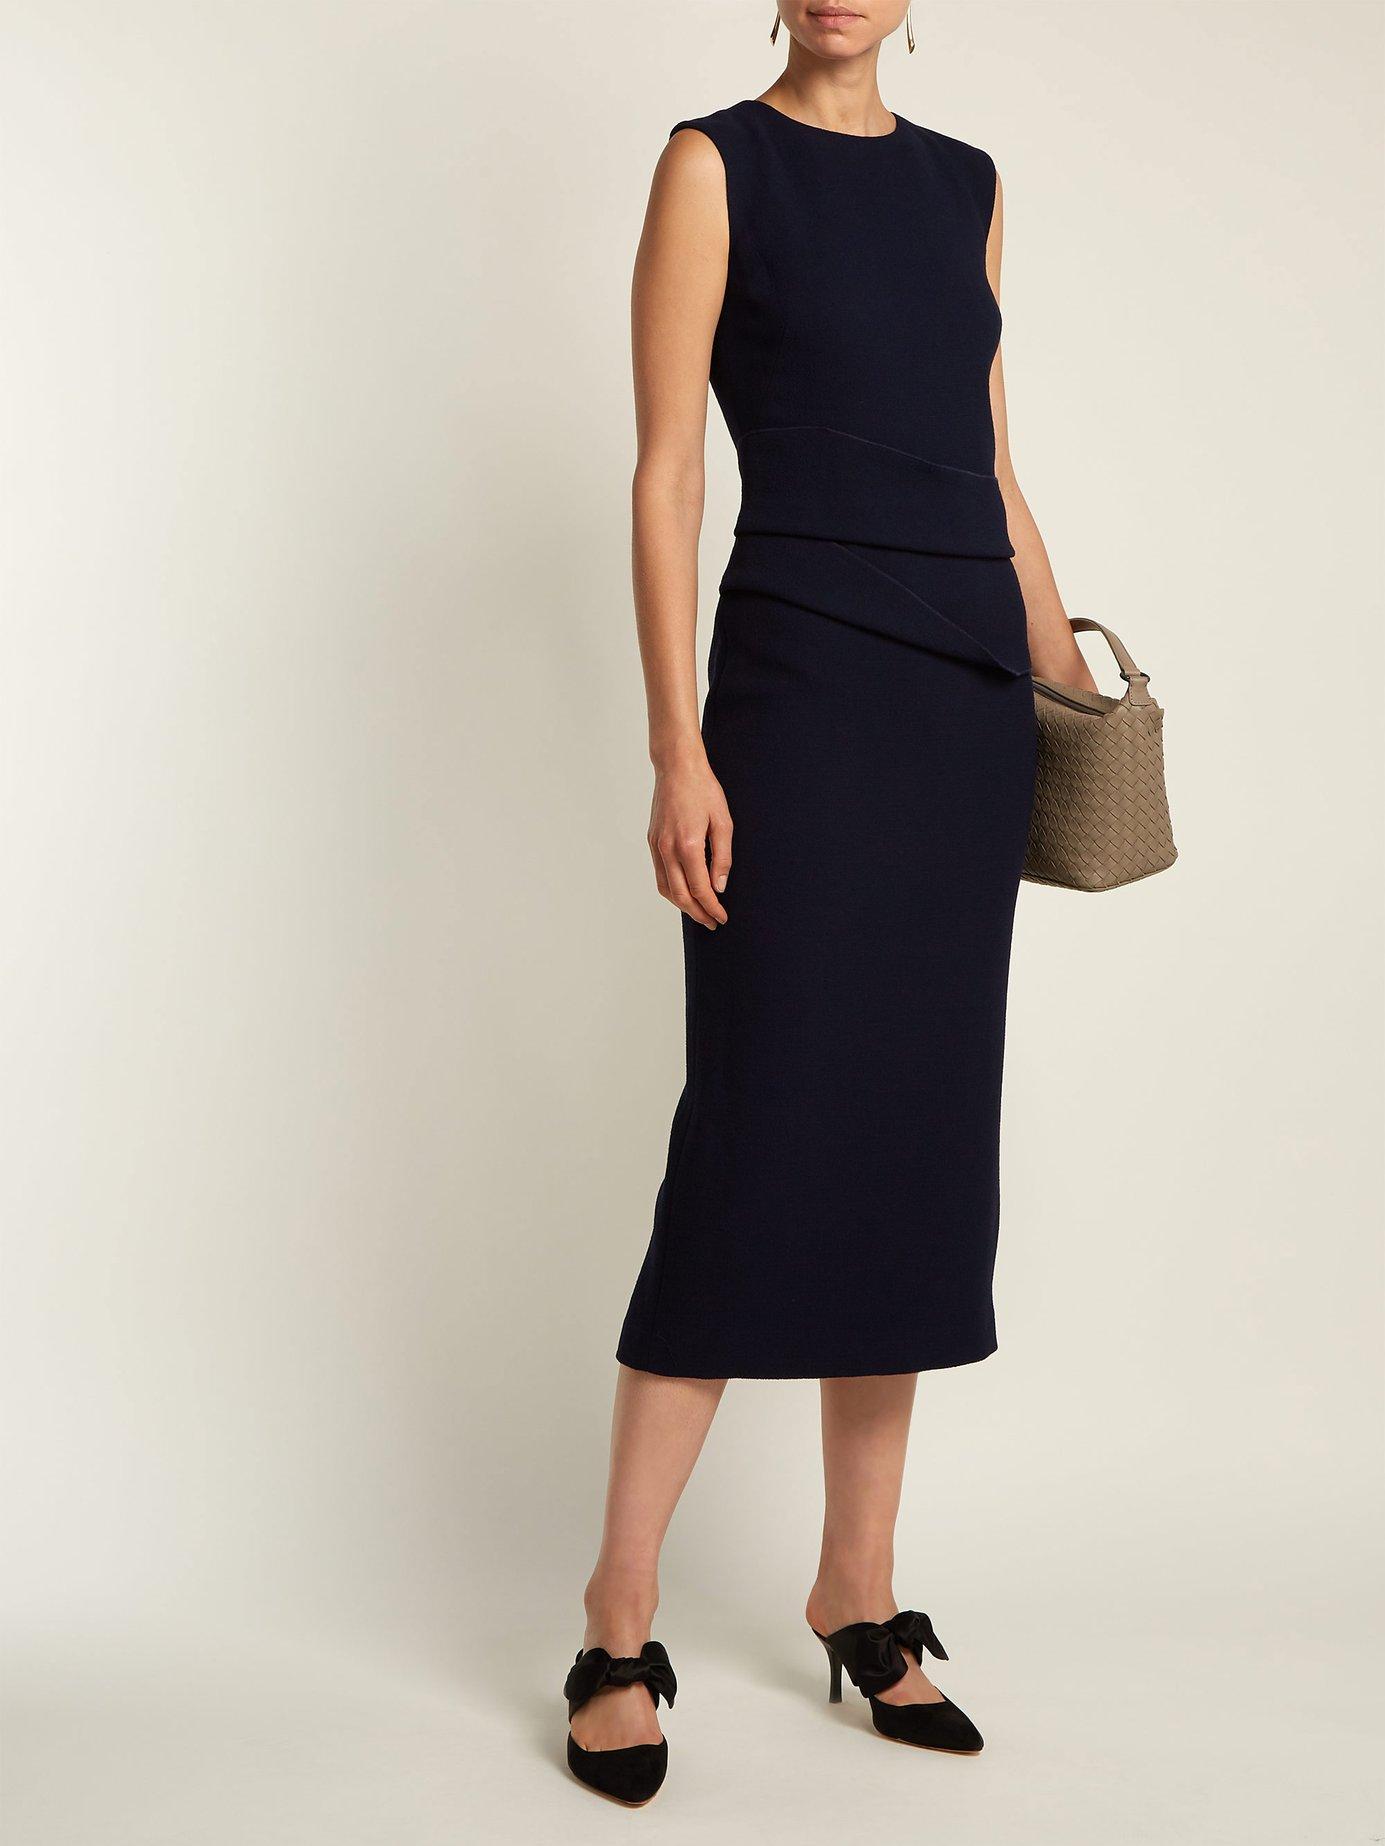 Luna wool crepe dress by Carl Kapp